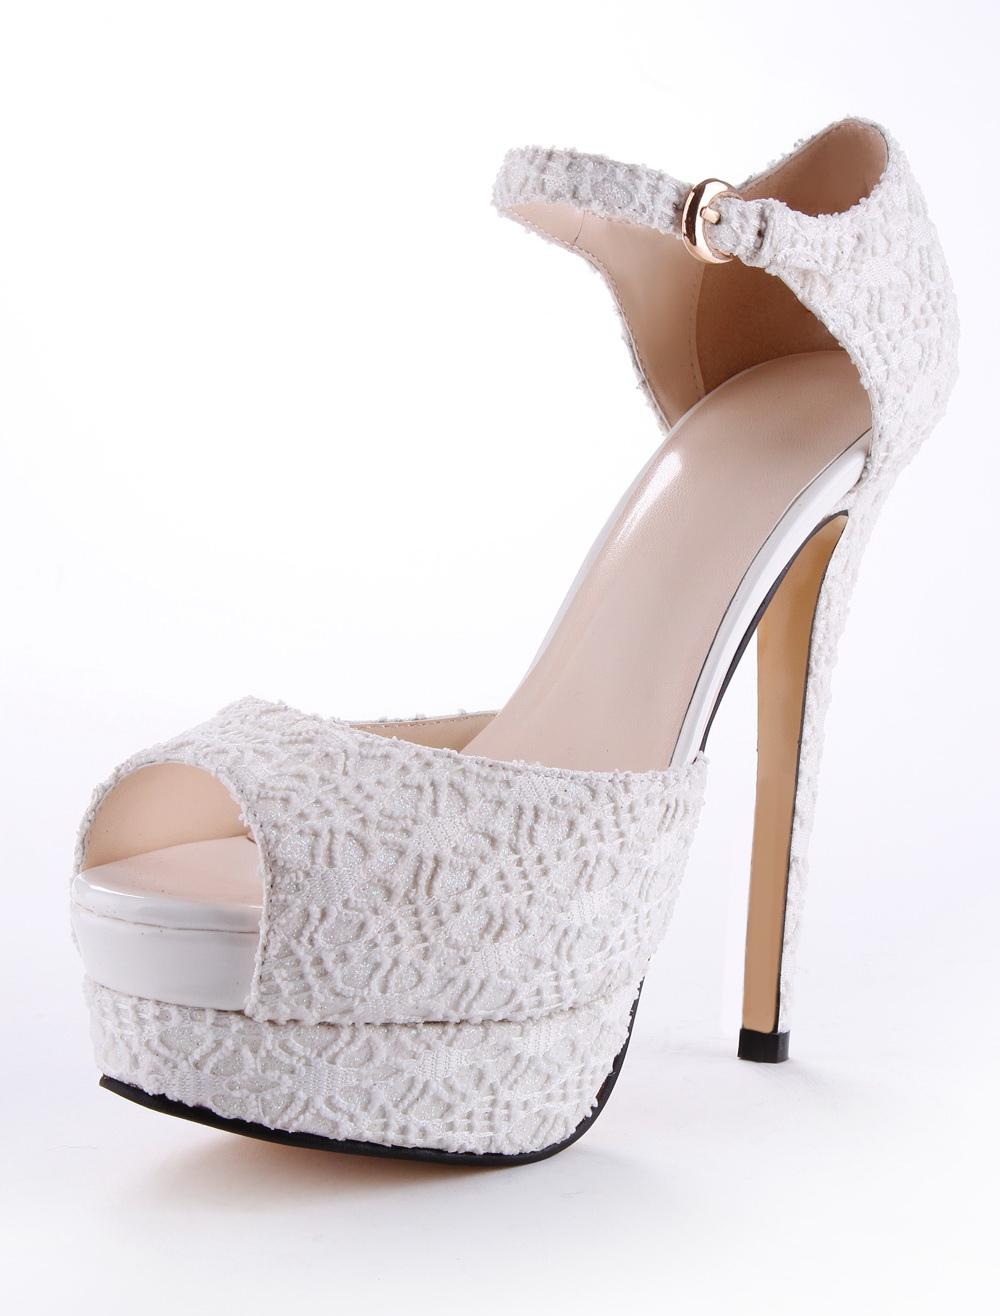 Sandales de mariée en dentelle blanc à talons aigus ruban aux chevilles